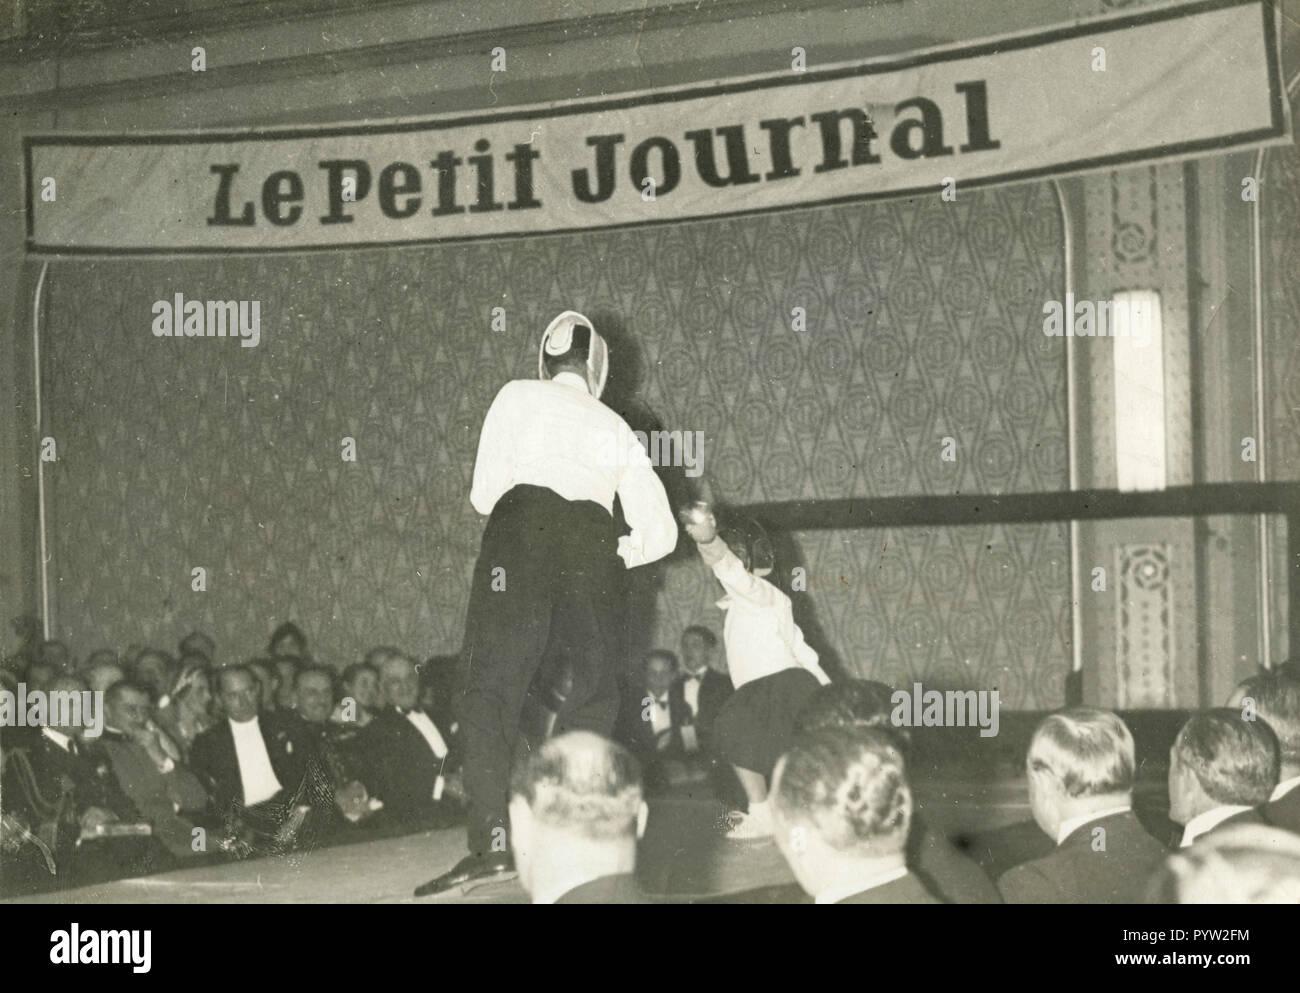 Lección de esgrima en público, en París, Francia, 1933 Imagen De Stock